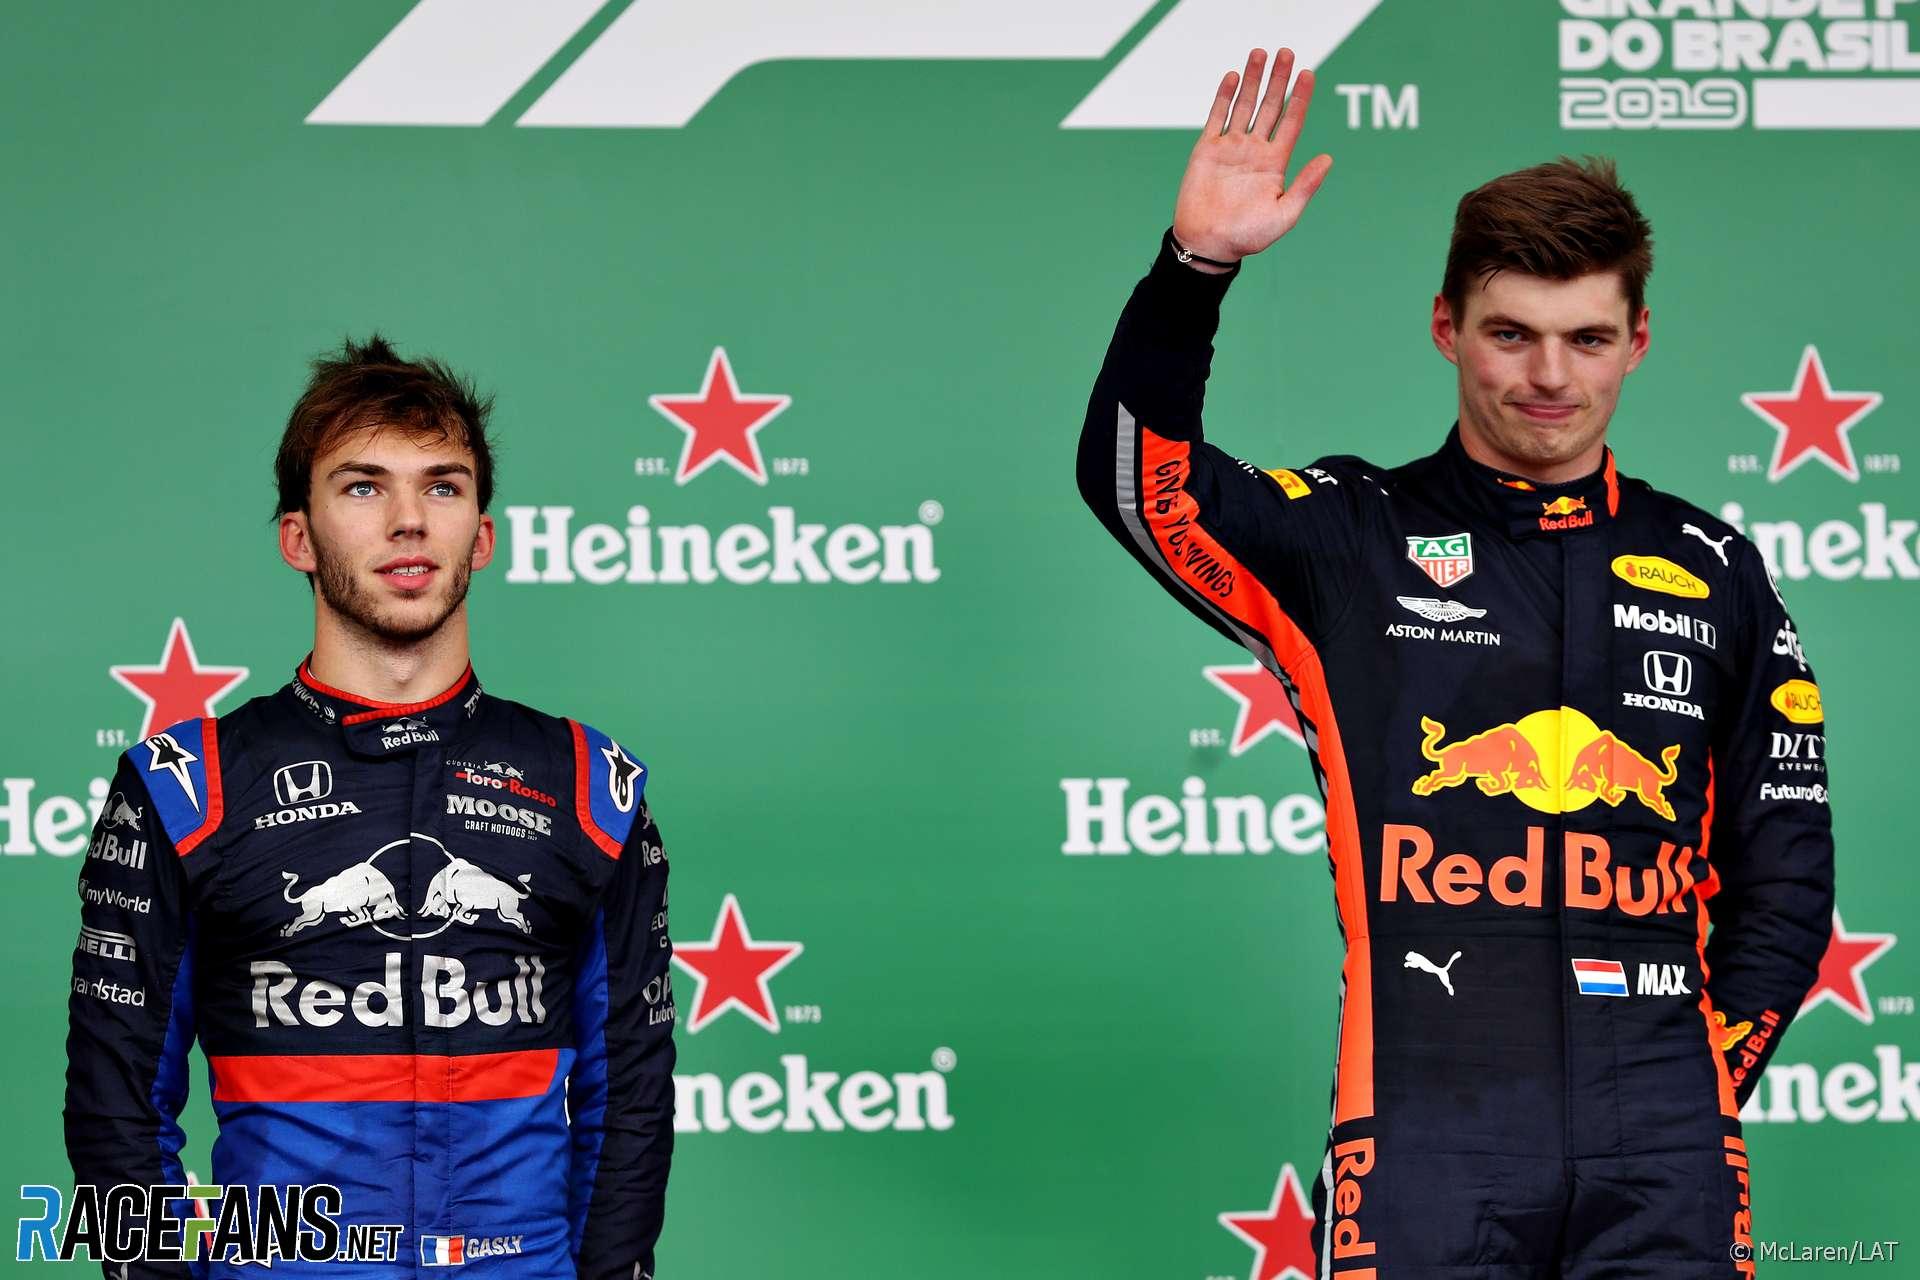 Pierre Gasly, Max Verstappen, Interlagos, 2019